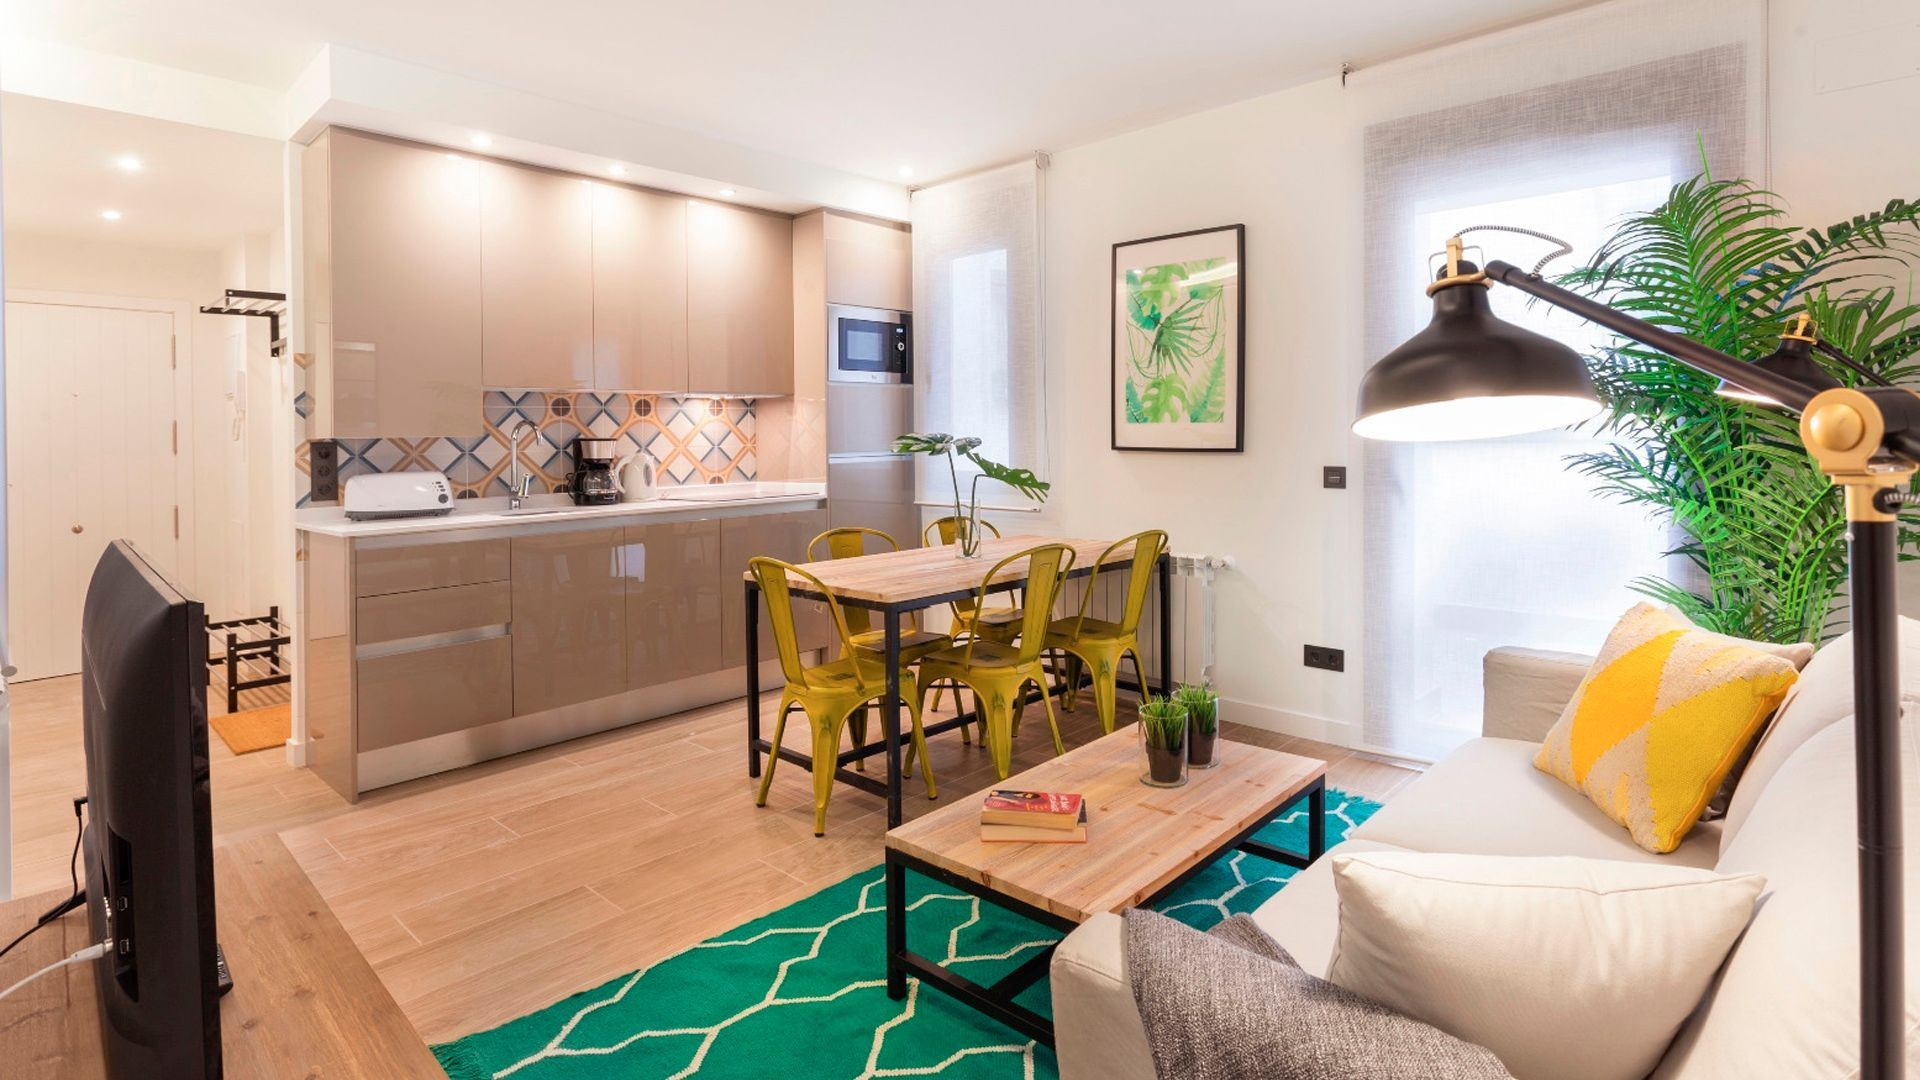 Comercio de mobiliario del hogar en Toledo